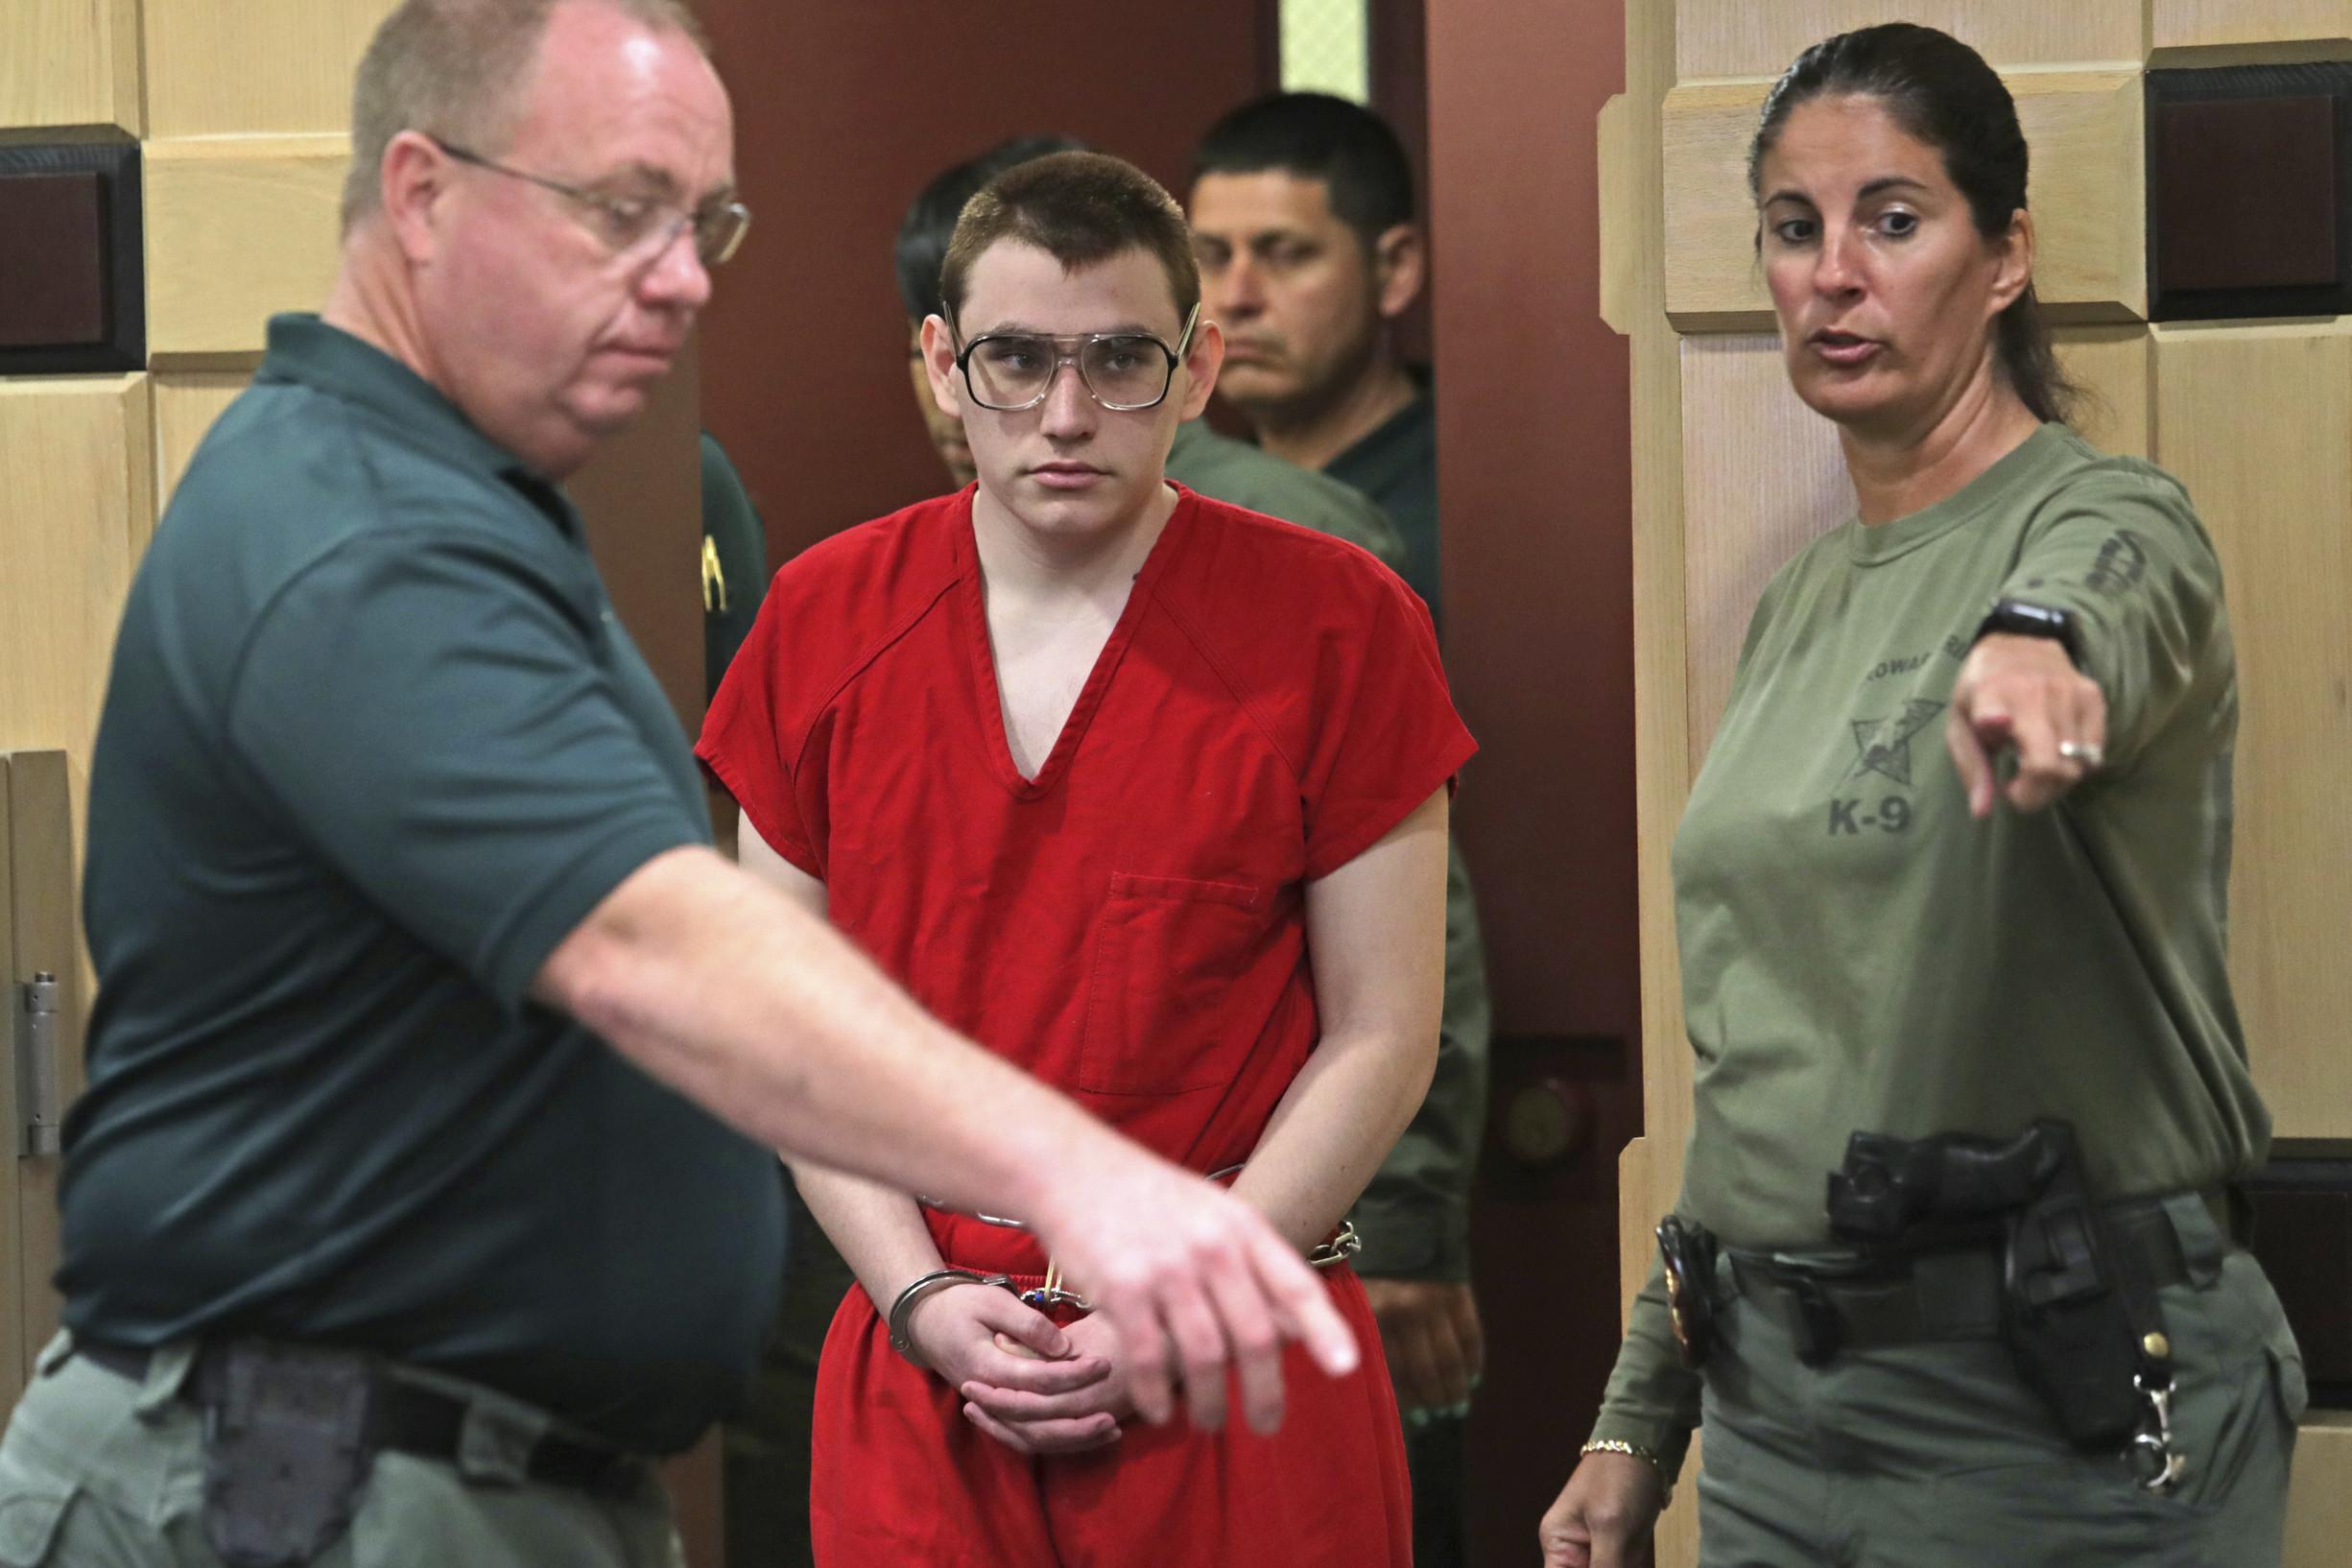 Nikolas Cruz wordt de rechtszaal in begeleid voor een zitting over de vraag of hij onder toezicht moet blijven staan van een officier die hem naar zijn zeggen mishandeld heeft. – John McCall / South Florida Sun-Sentinel via AP / HH